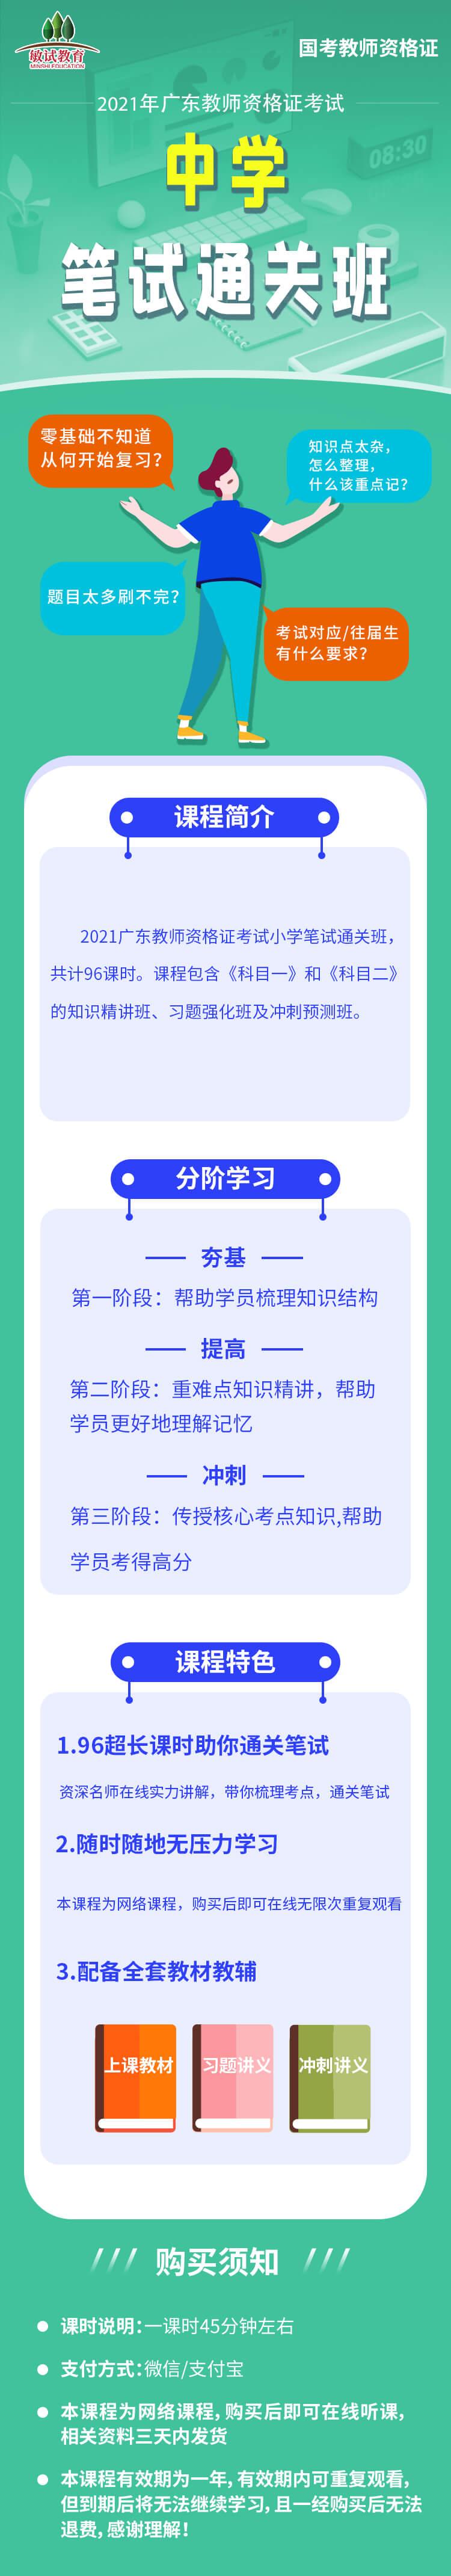 2021广东教师资格证考试培训班:中学笔试通关班